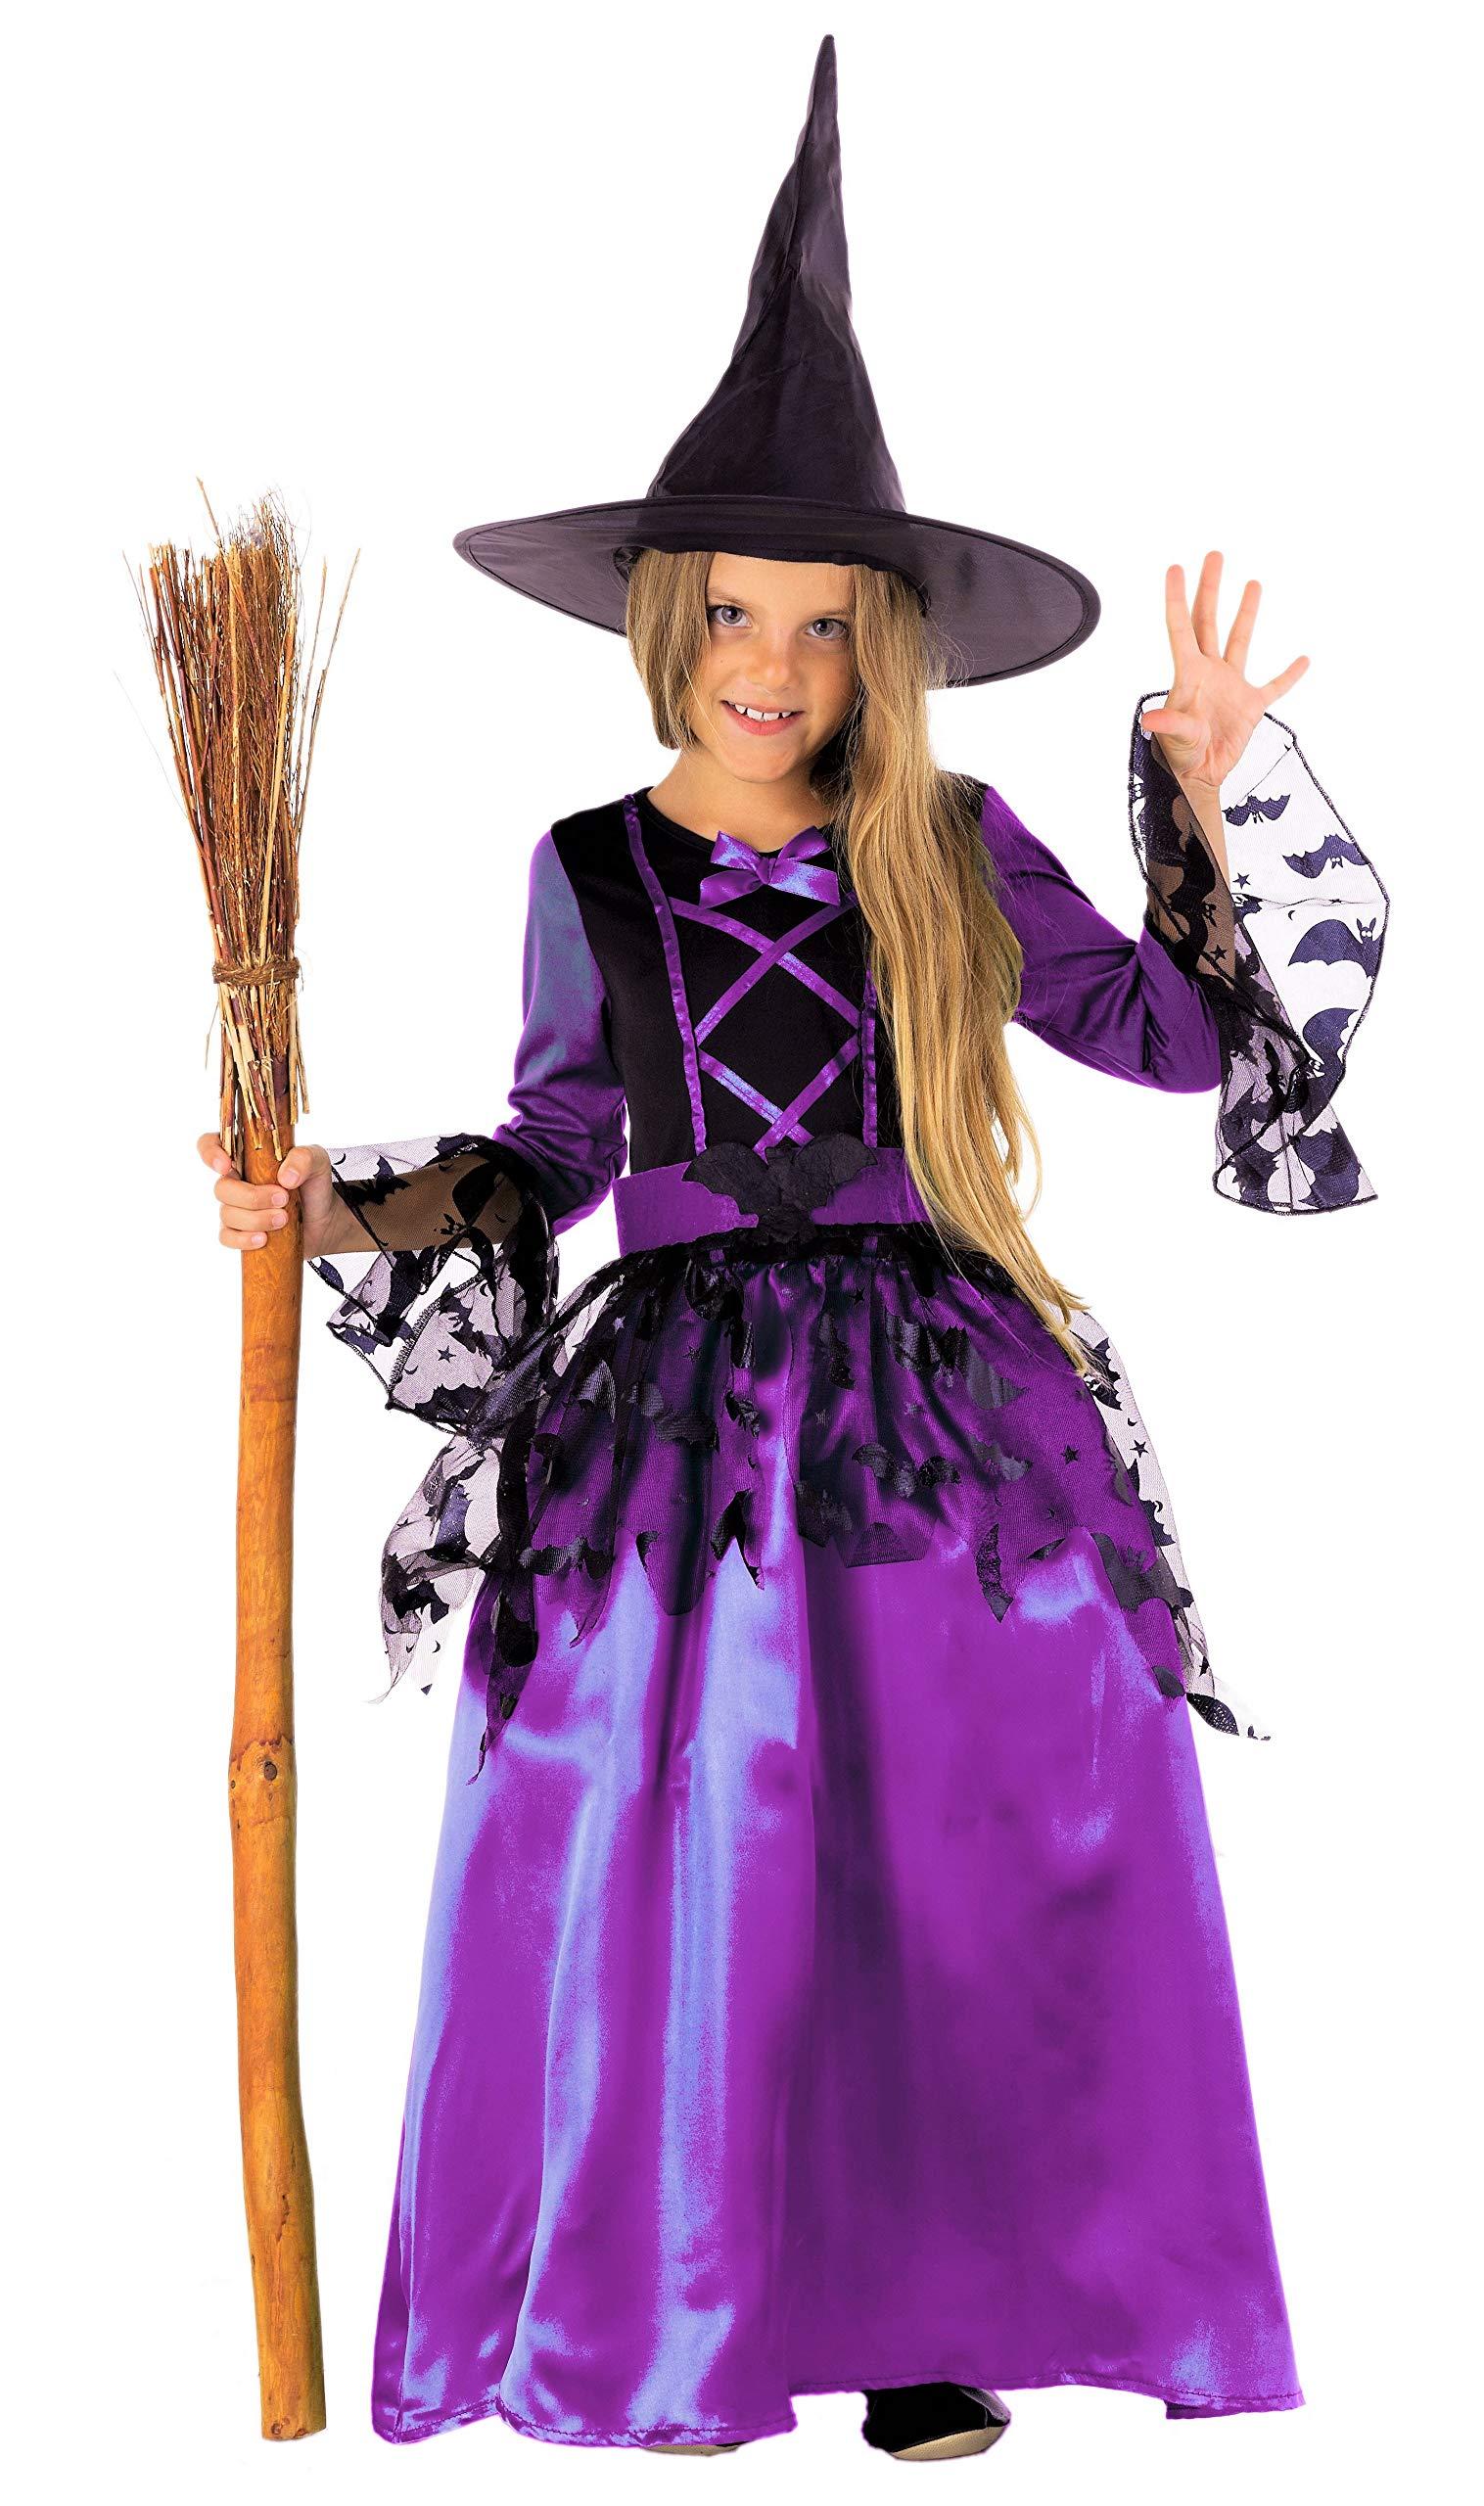 Magicoo Halloween Bat Witch Costume Kids Buy Online In El Salvador At Desertcart